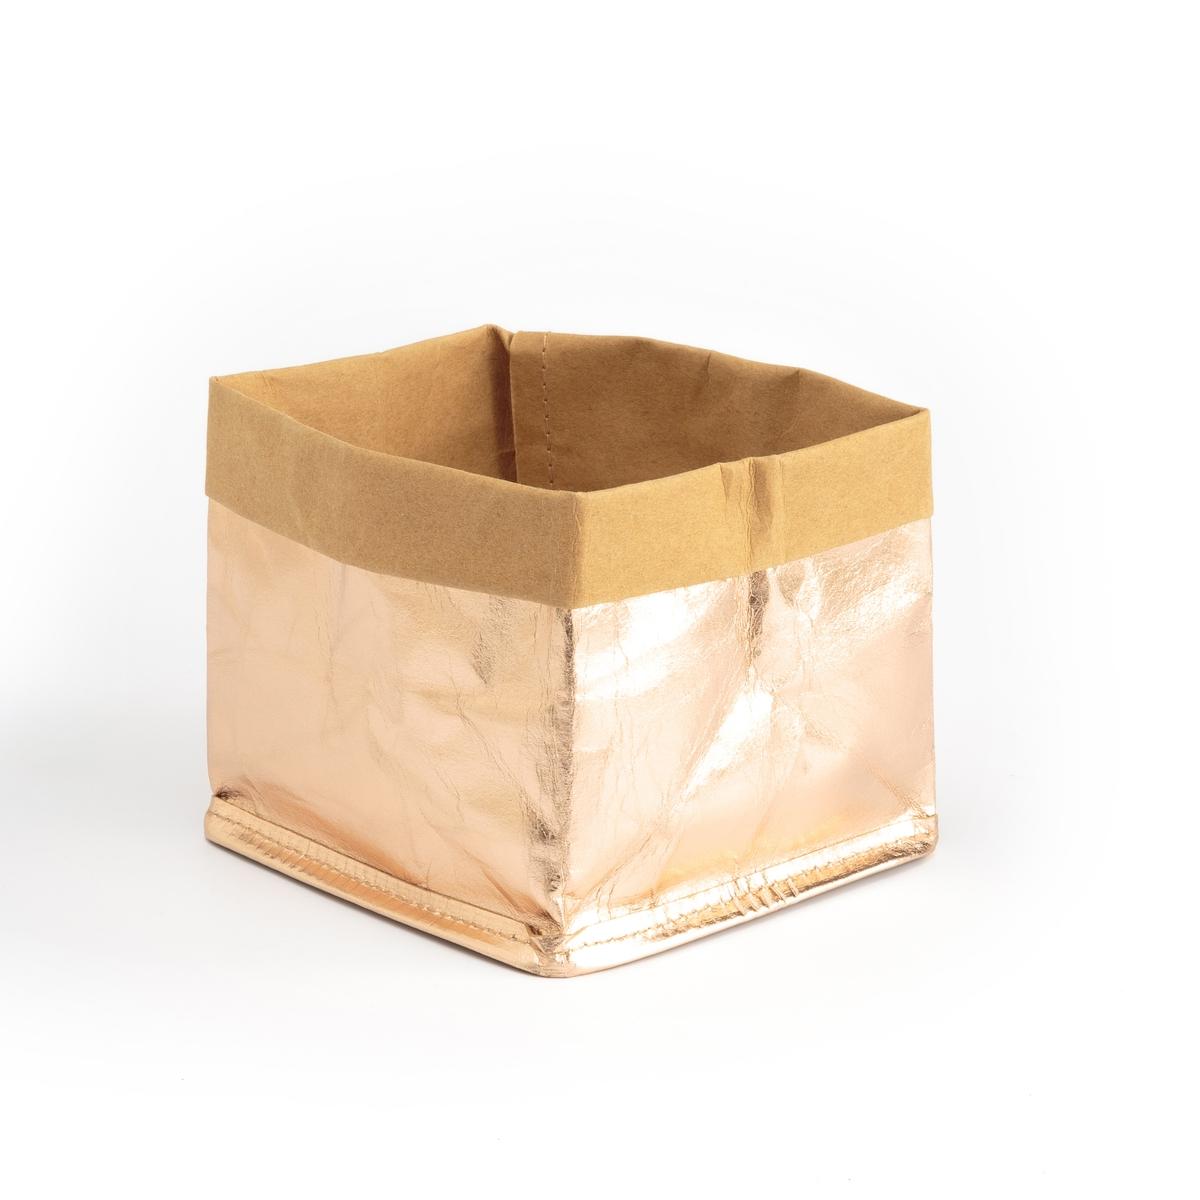 Корзина малая JIKLO jd коллекция квадратная корзина стандарт